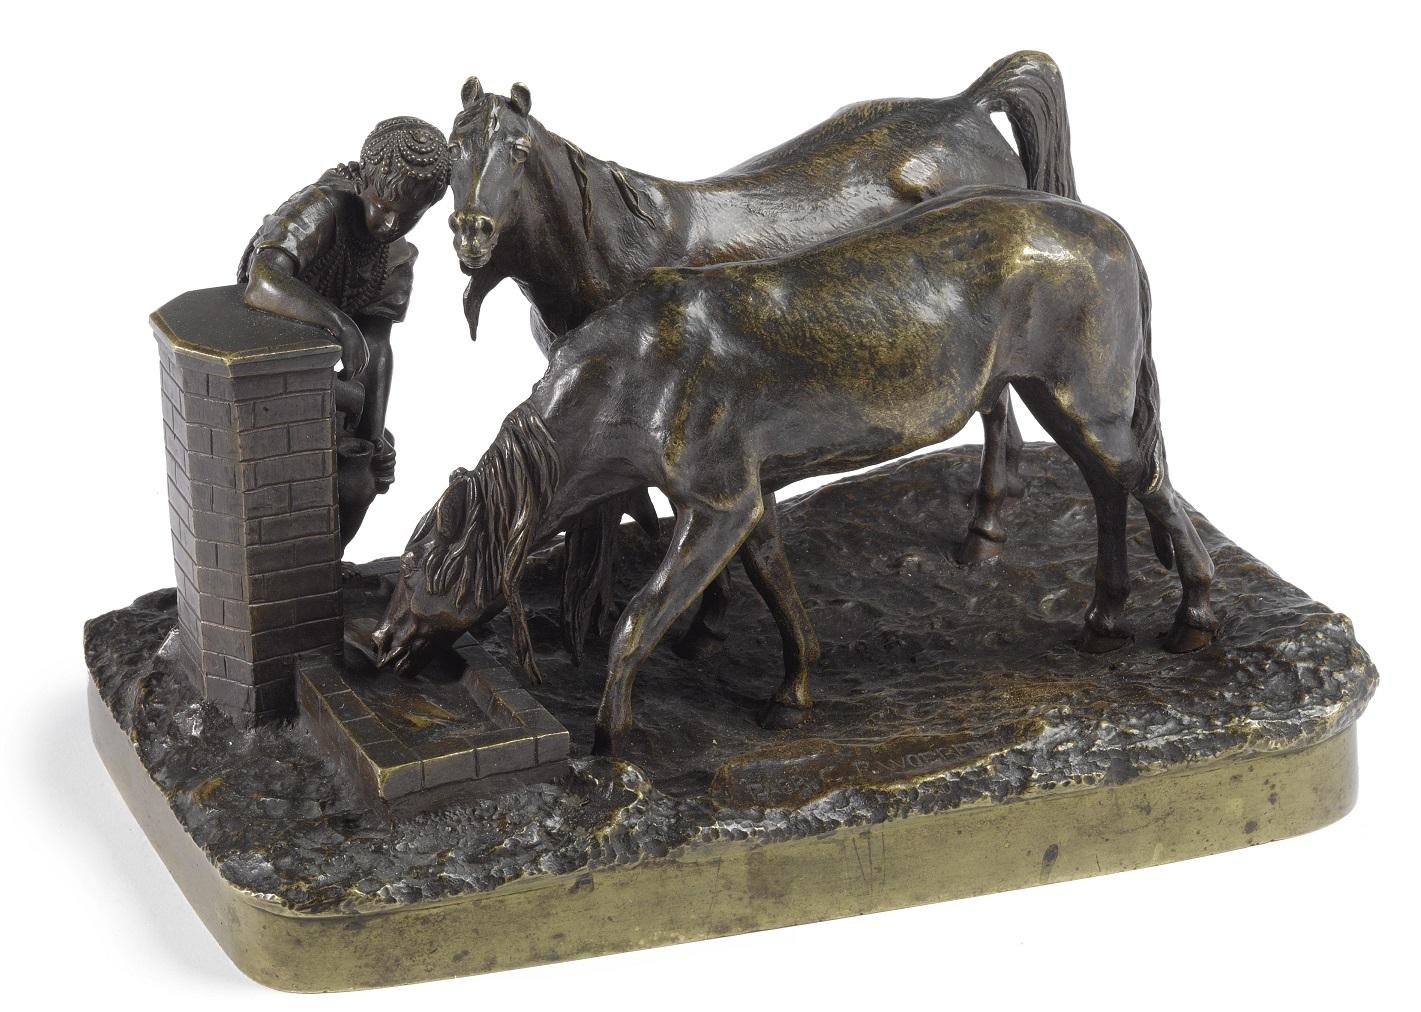 vasily-yakovlevich-grachev --грачев-у-колодца-лошади бронза